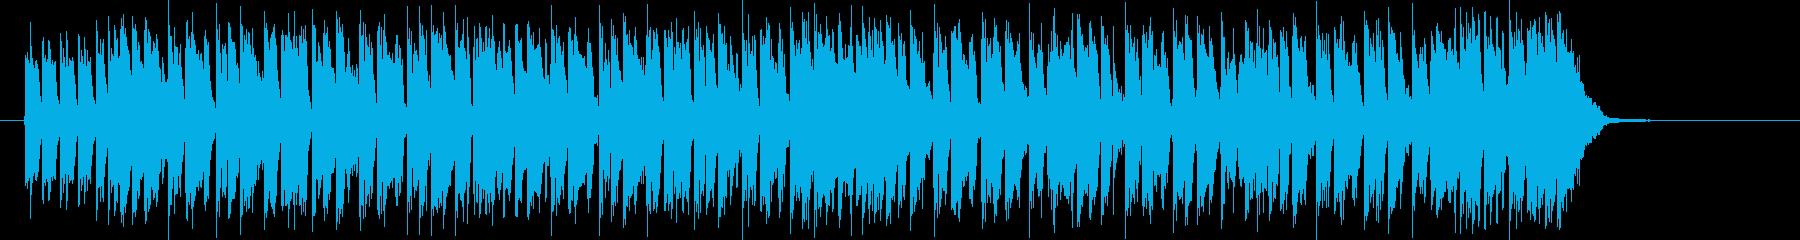 かっこよくてコミカルなデジタルポップの再生済みの波形